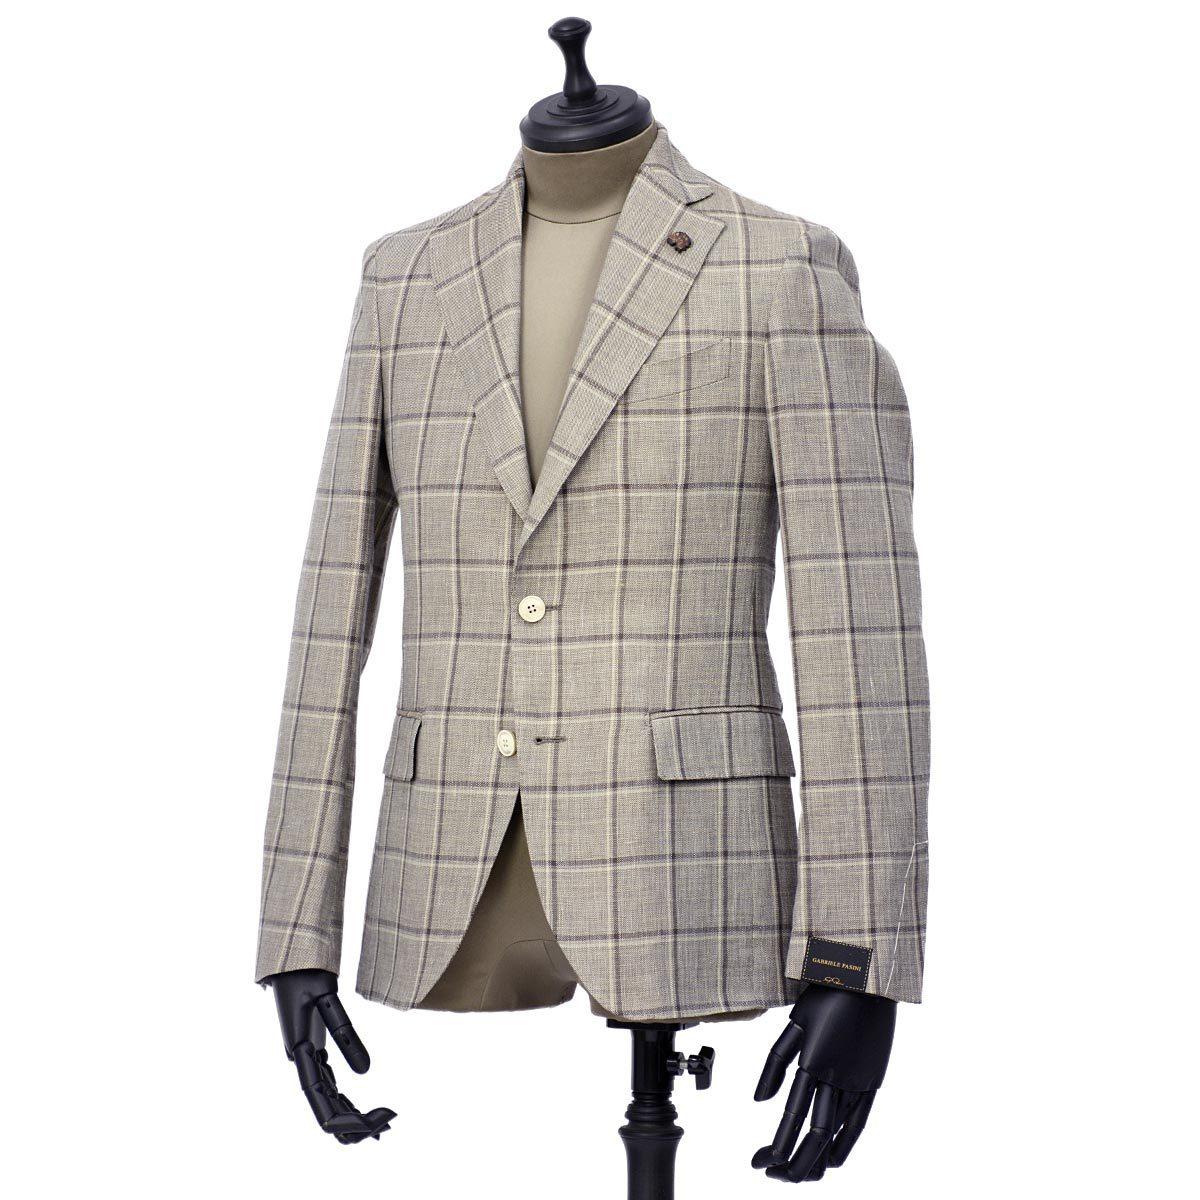 Gabriele Pasini【ガブリエレ パジーニ】シングルジャケット JG13065Q GF13476 28 リネン ウール ウィンドウペーン グレー ブラウン